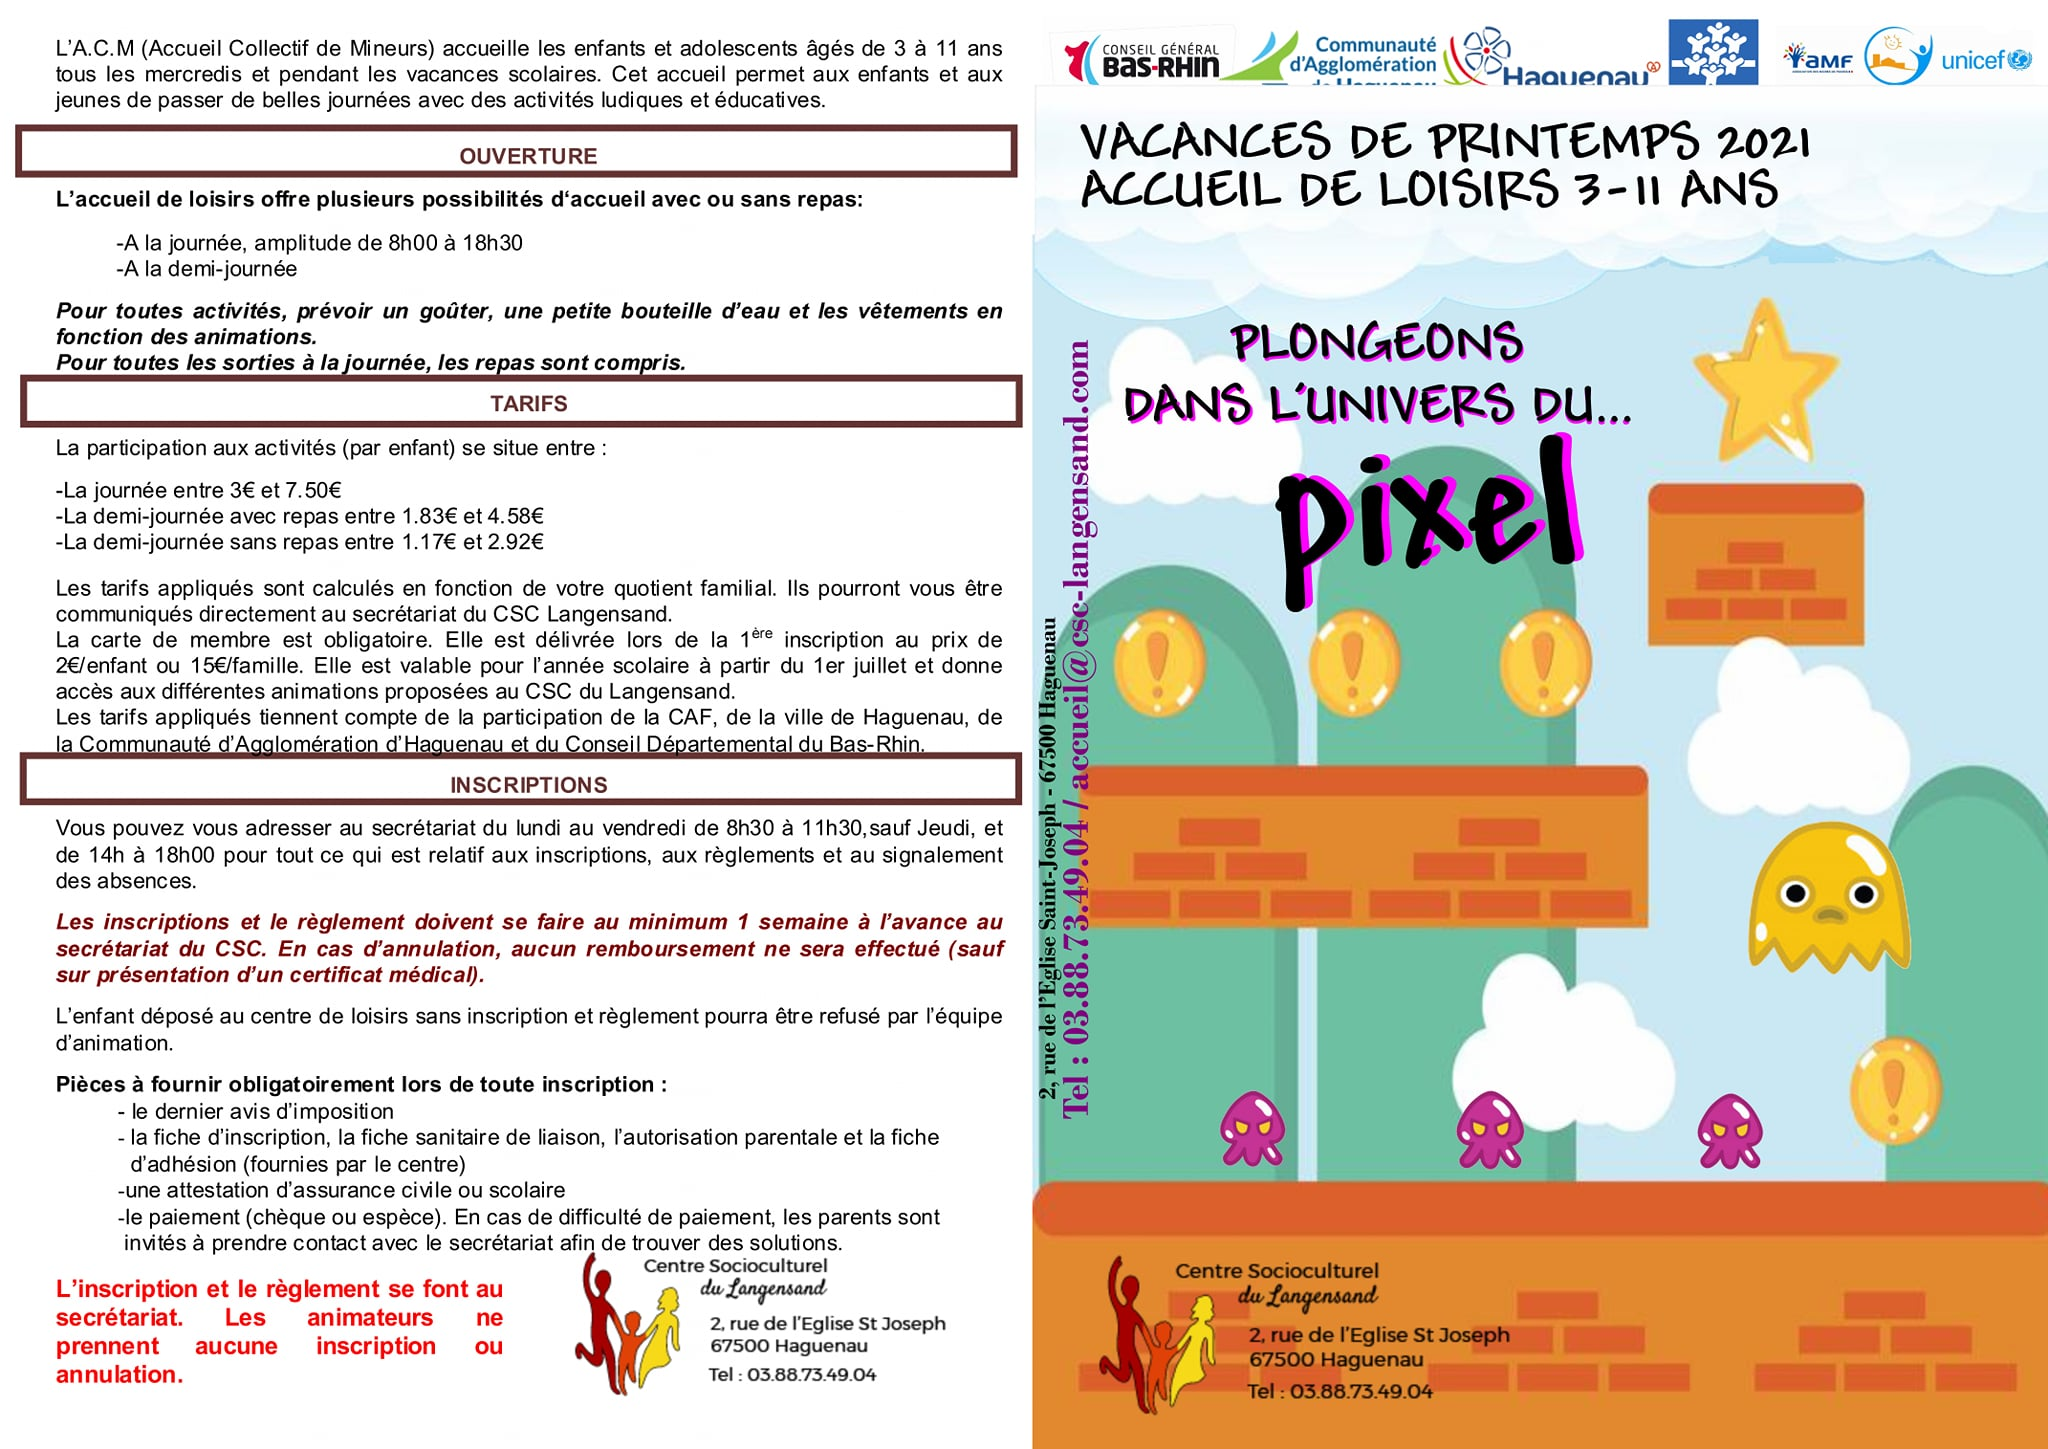 Programme vacances de printemps 3-11 ans